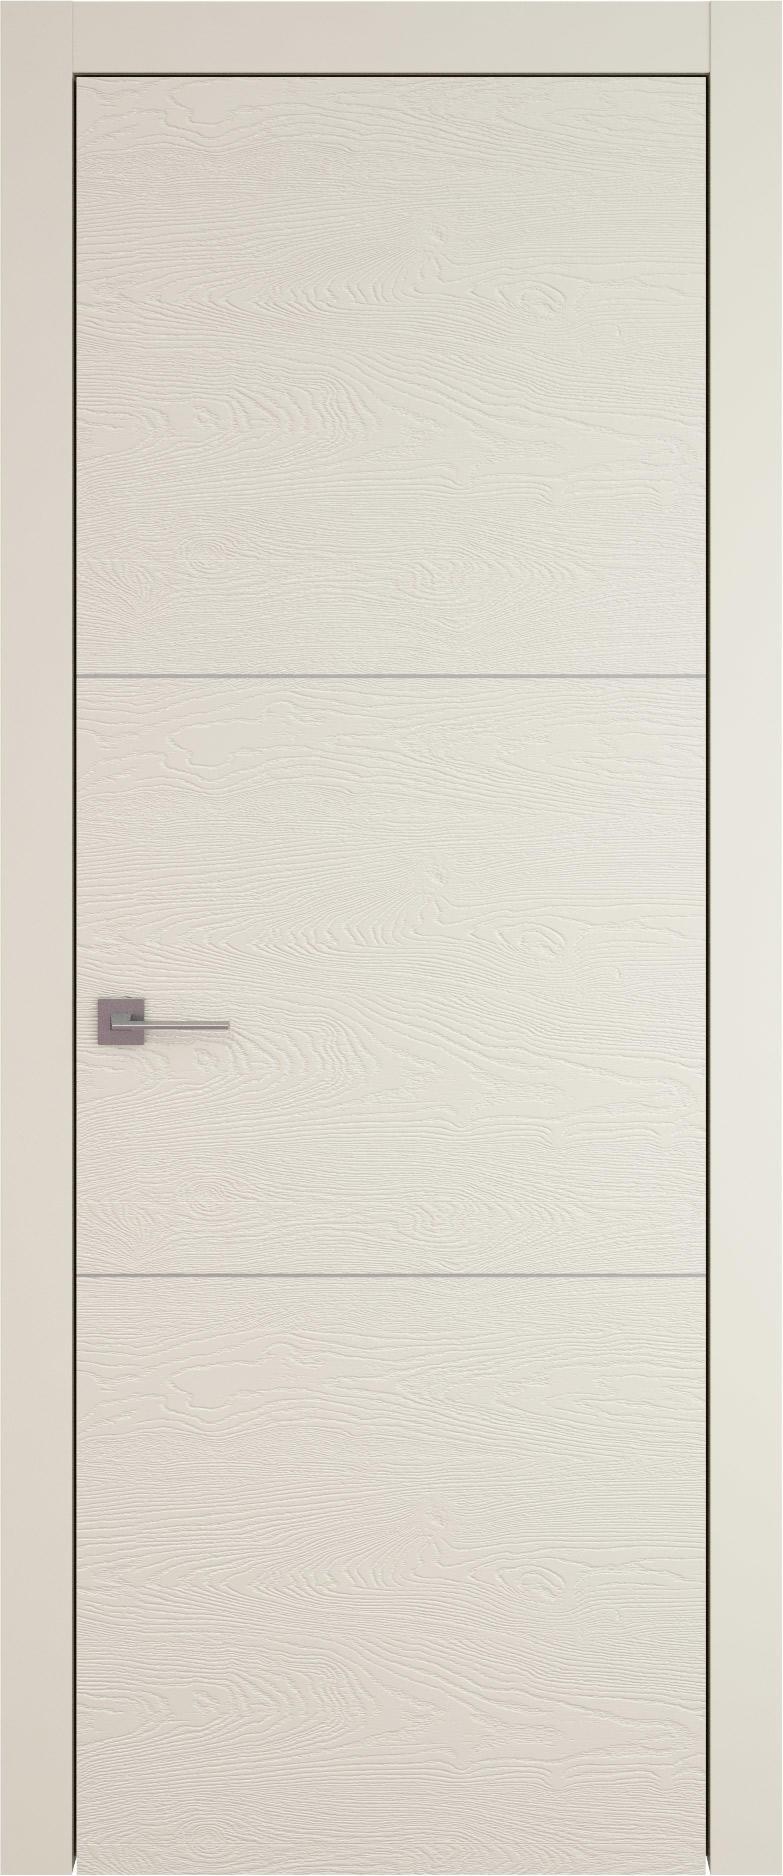 Tivoli В-3 цвет - Жемчужная эмаль по шпону (RAL 1013) Без стекла (ДГ)